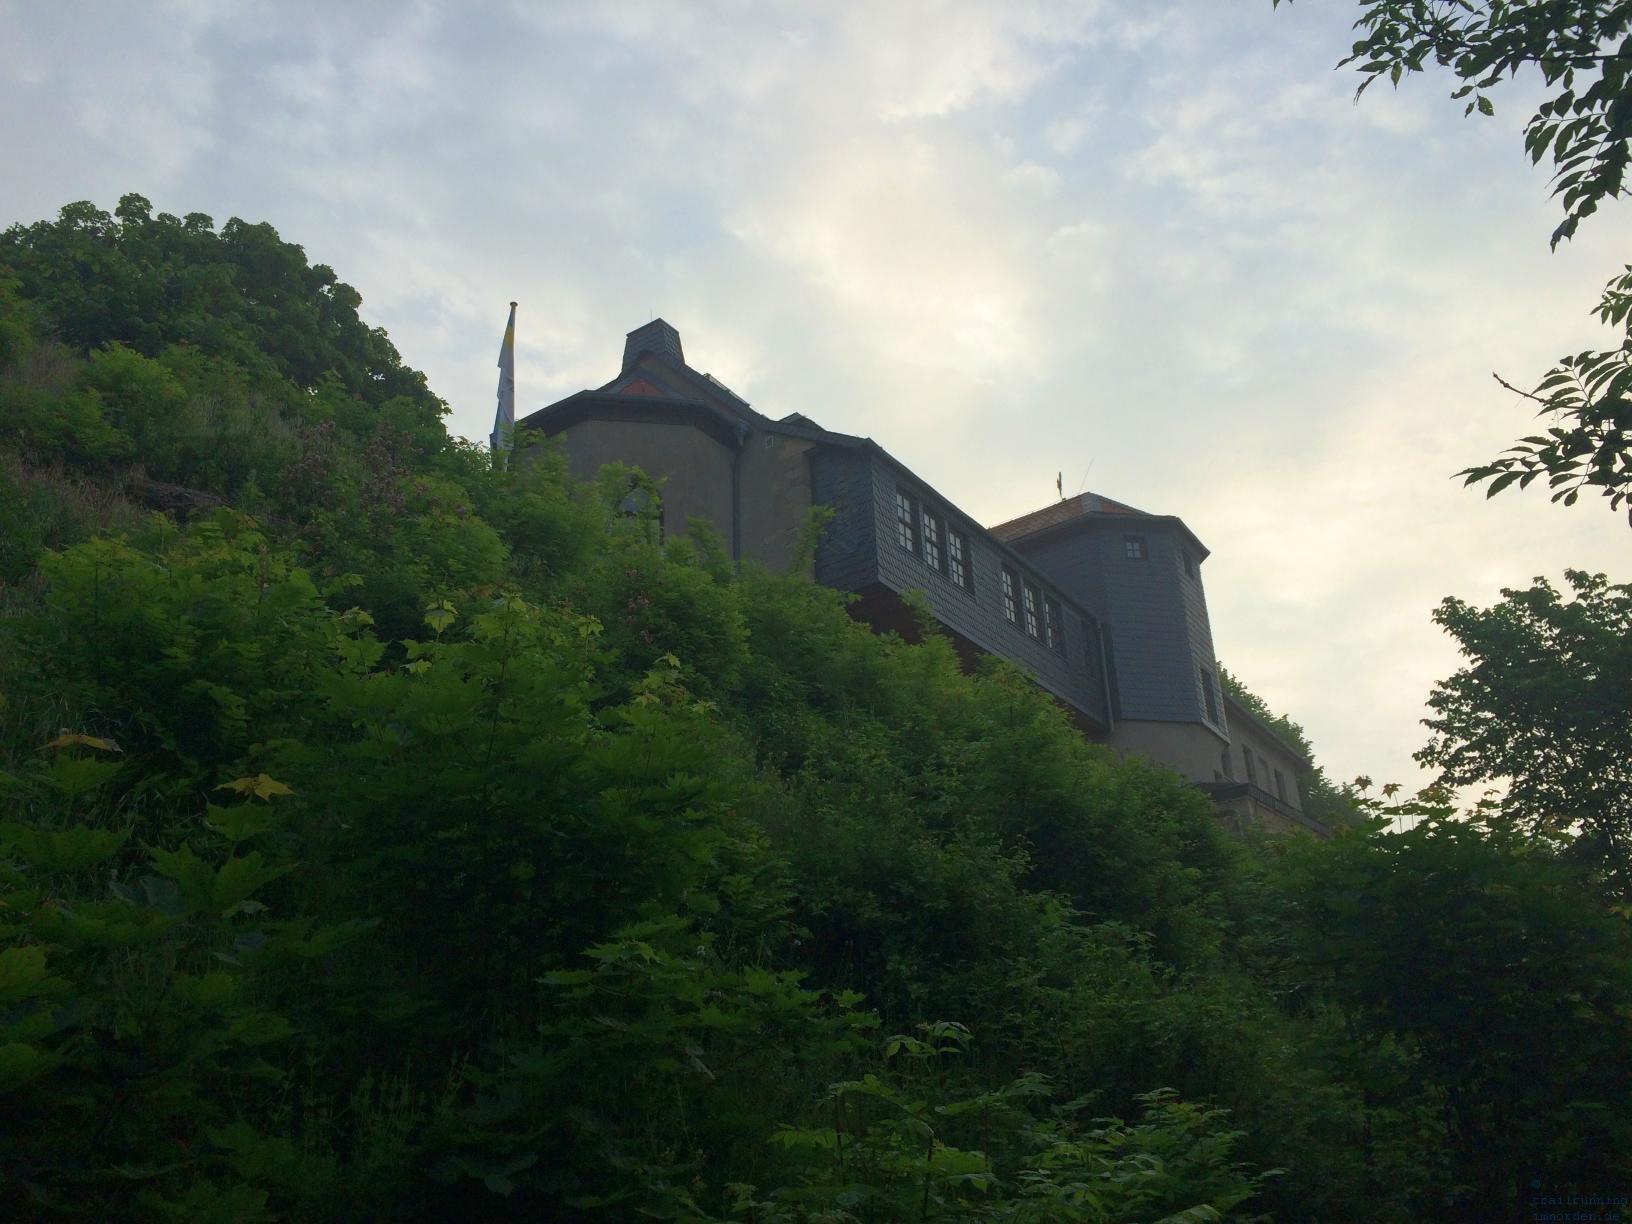 Älteste Berggaststätte Jenas: der Fuchsturm